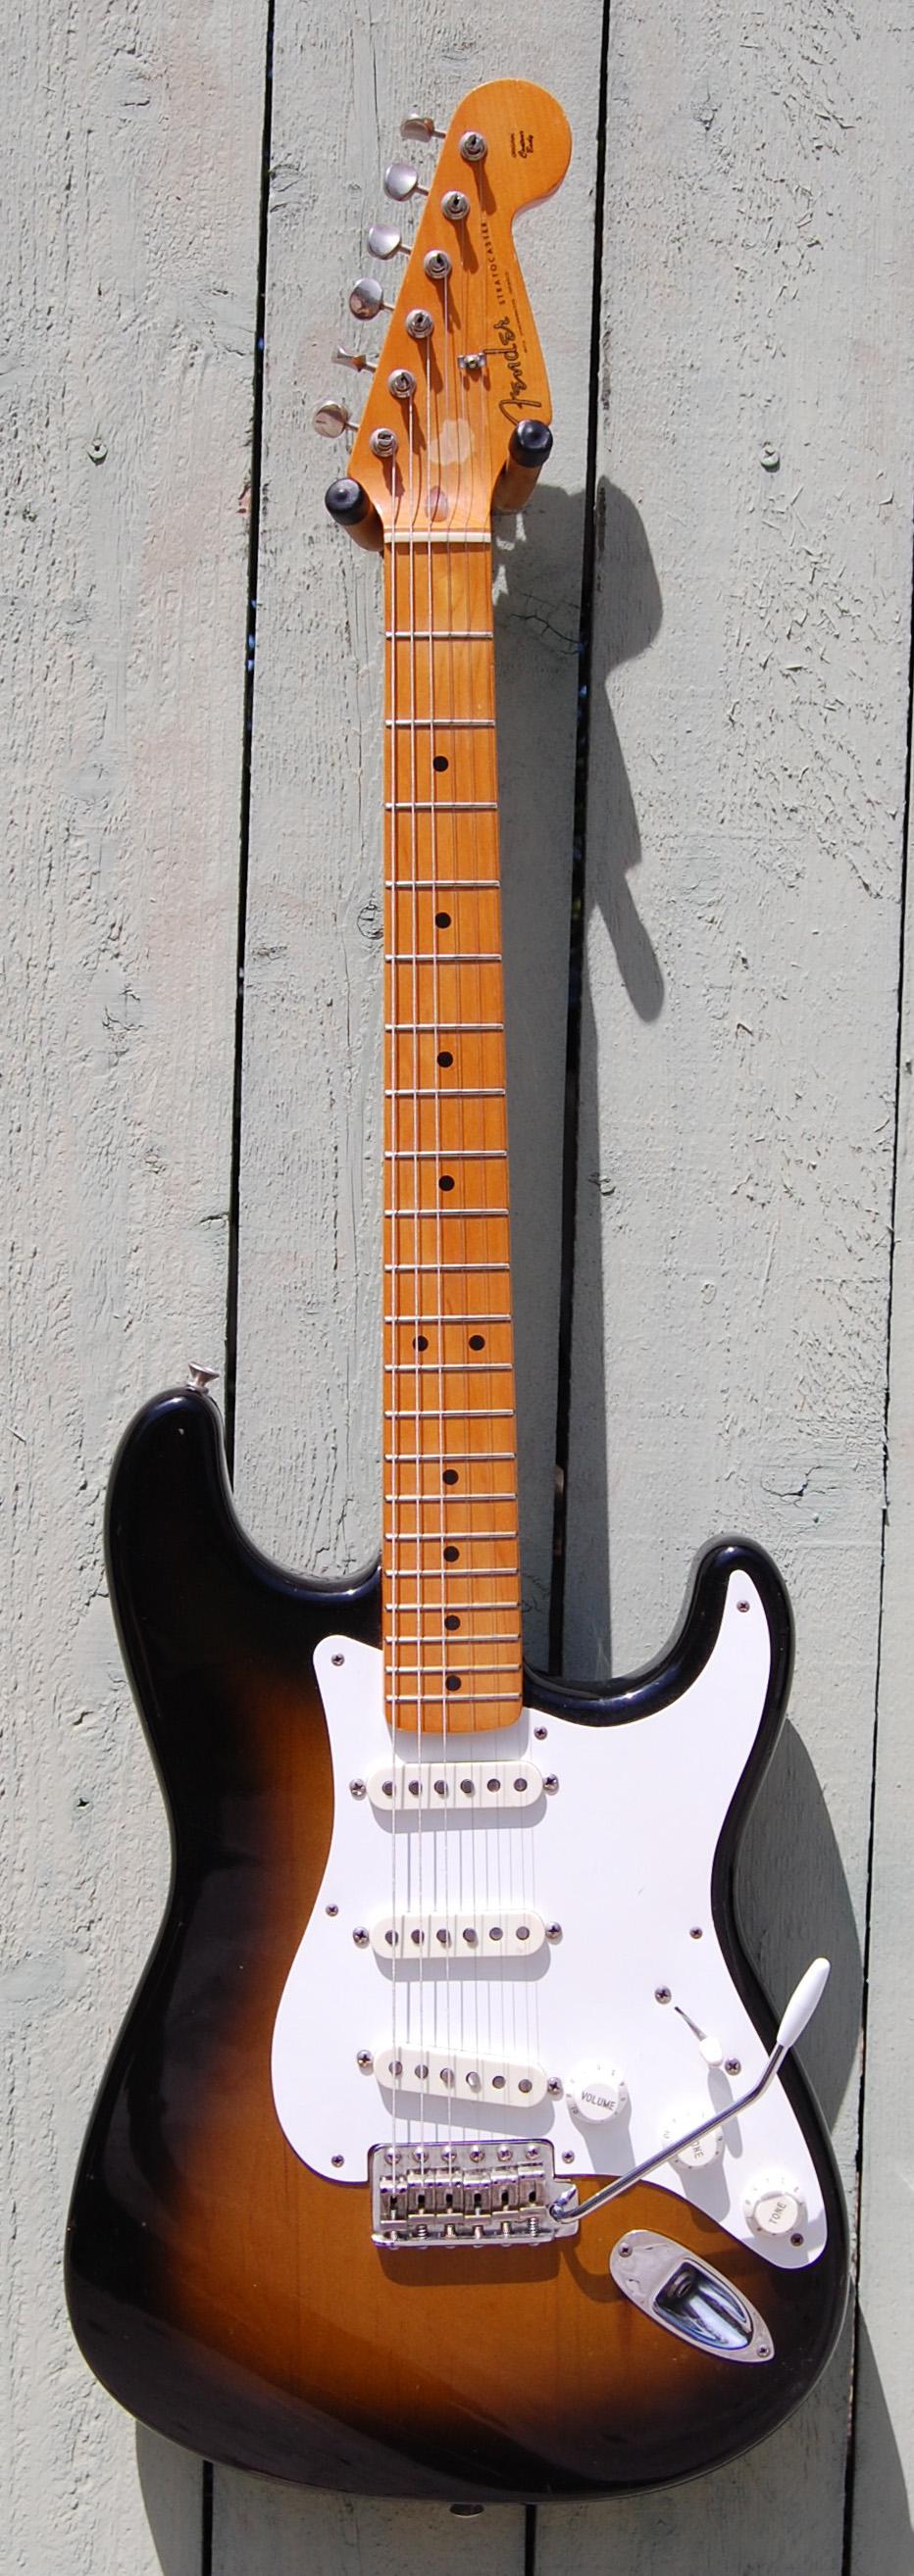 1988 Fender AVRI '57 reissue Stratocaster